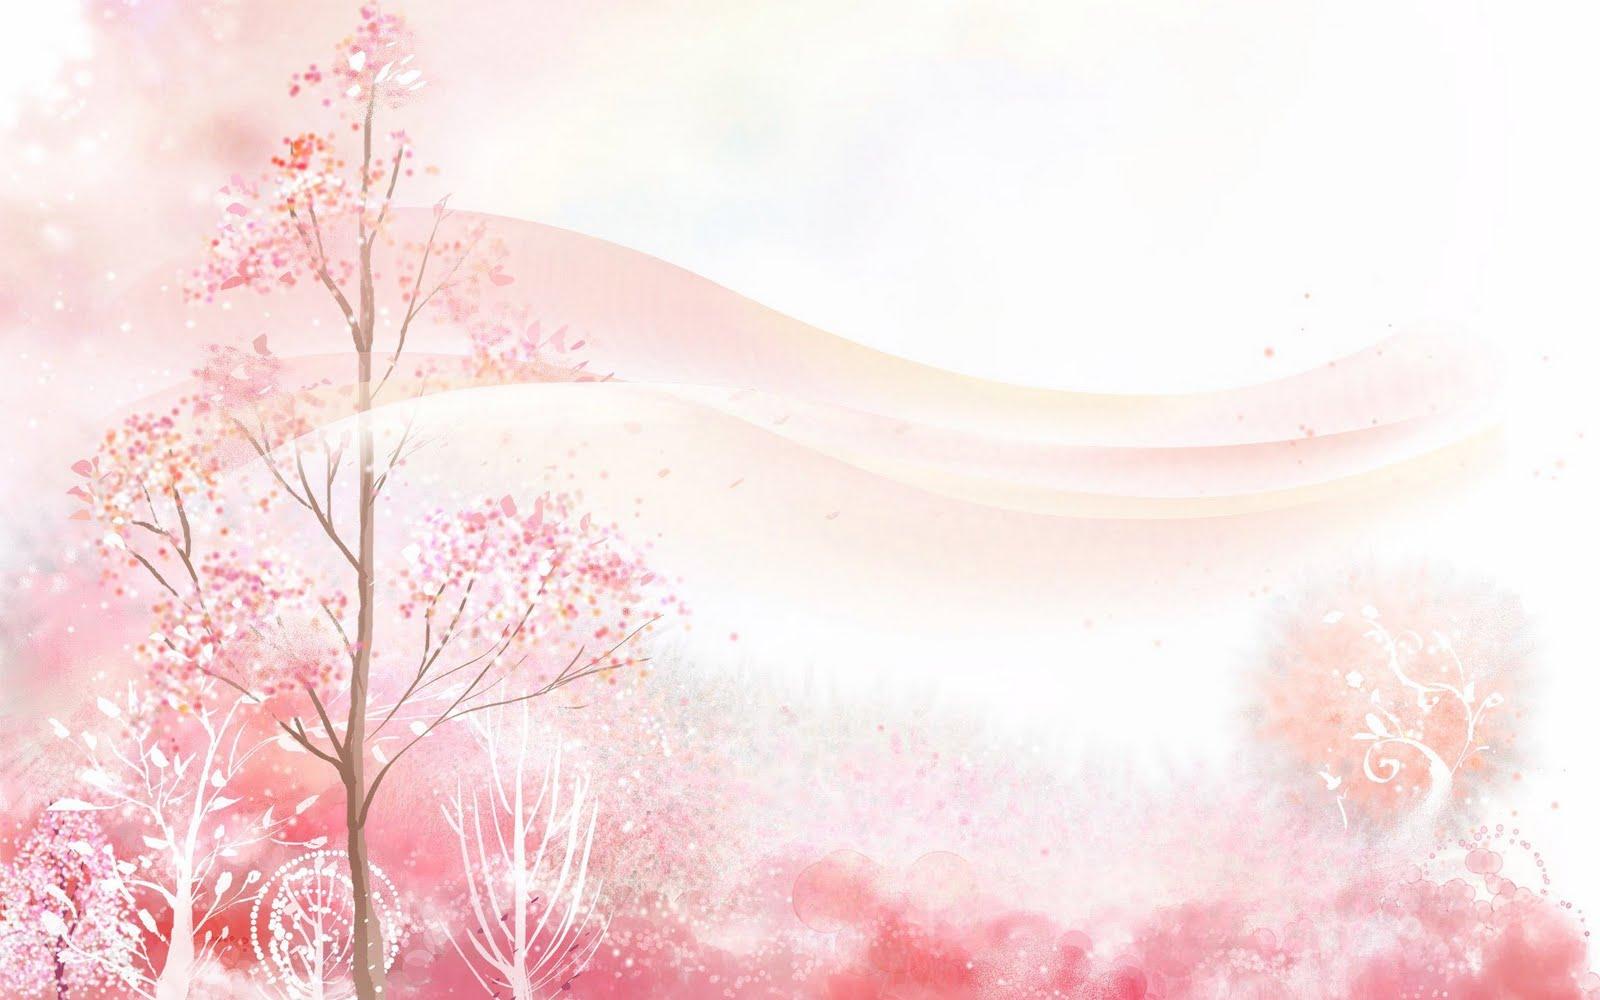 Related with Gambar Dunia Kartun Fantasi yang Cantik Cantik 1600x1000